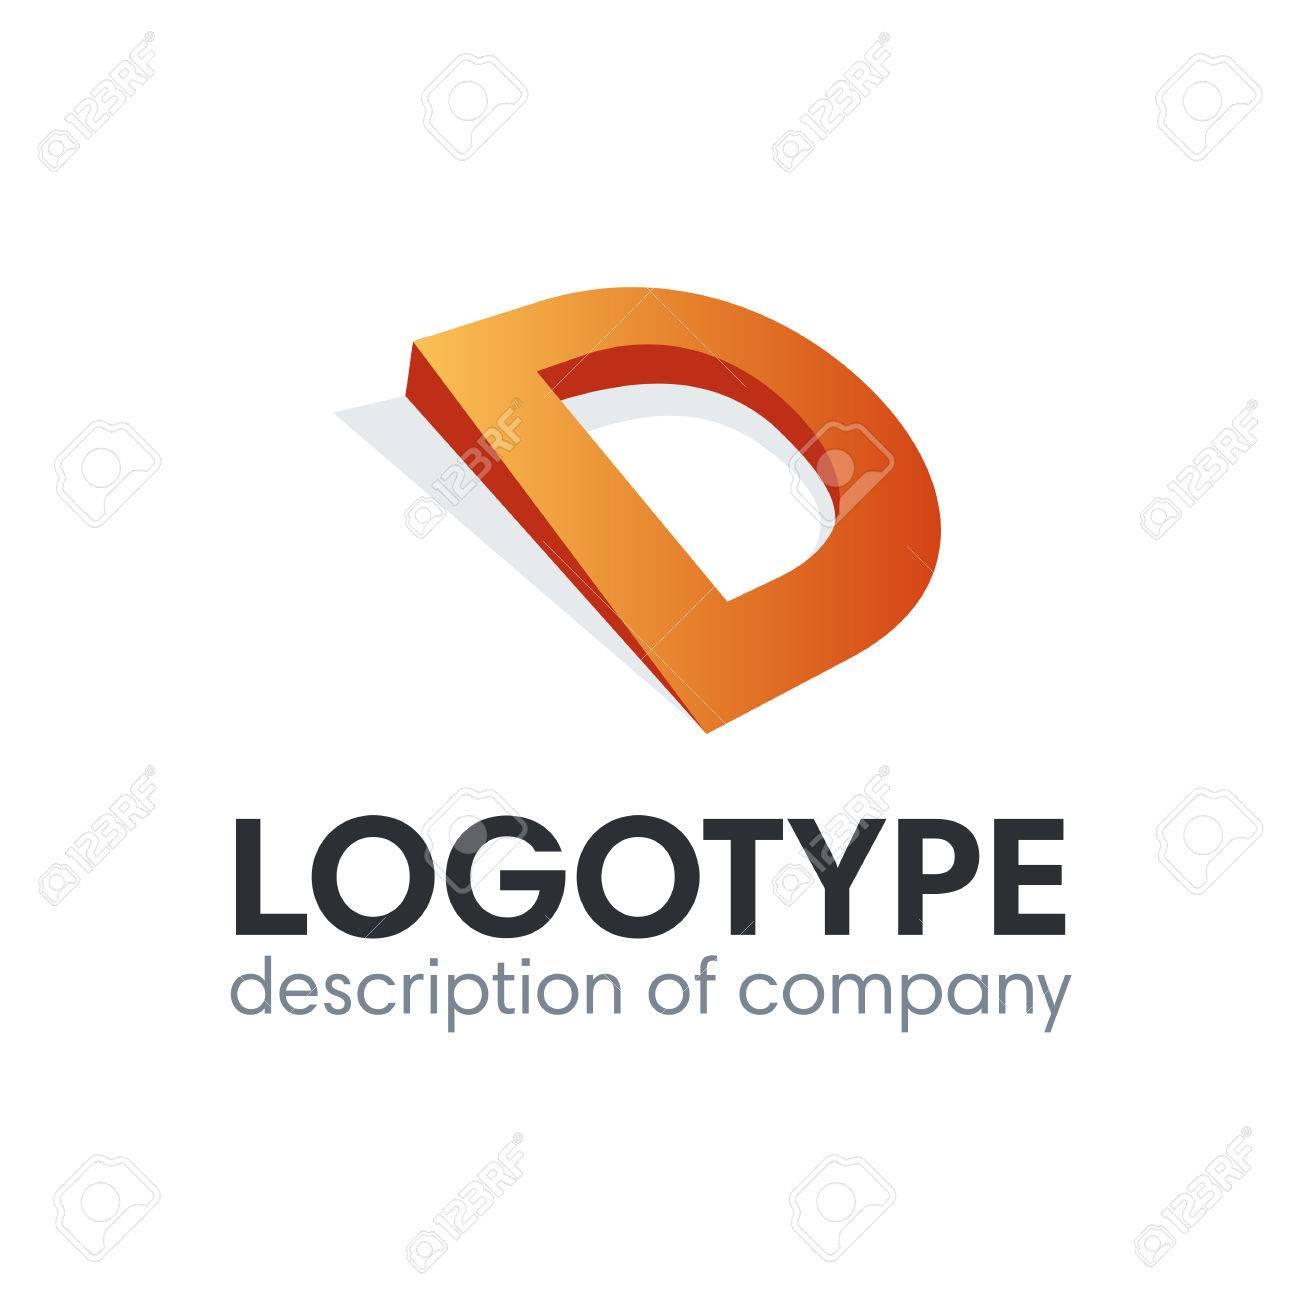 letter d logo icon design template elements - 84037595